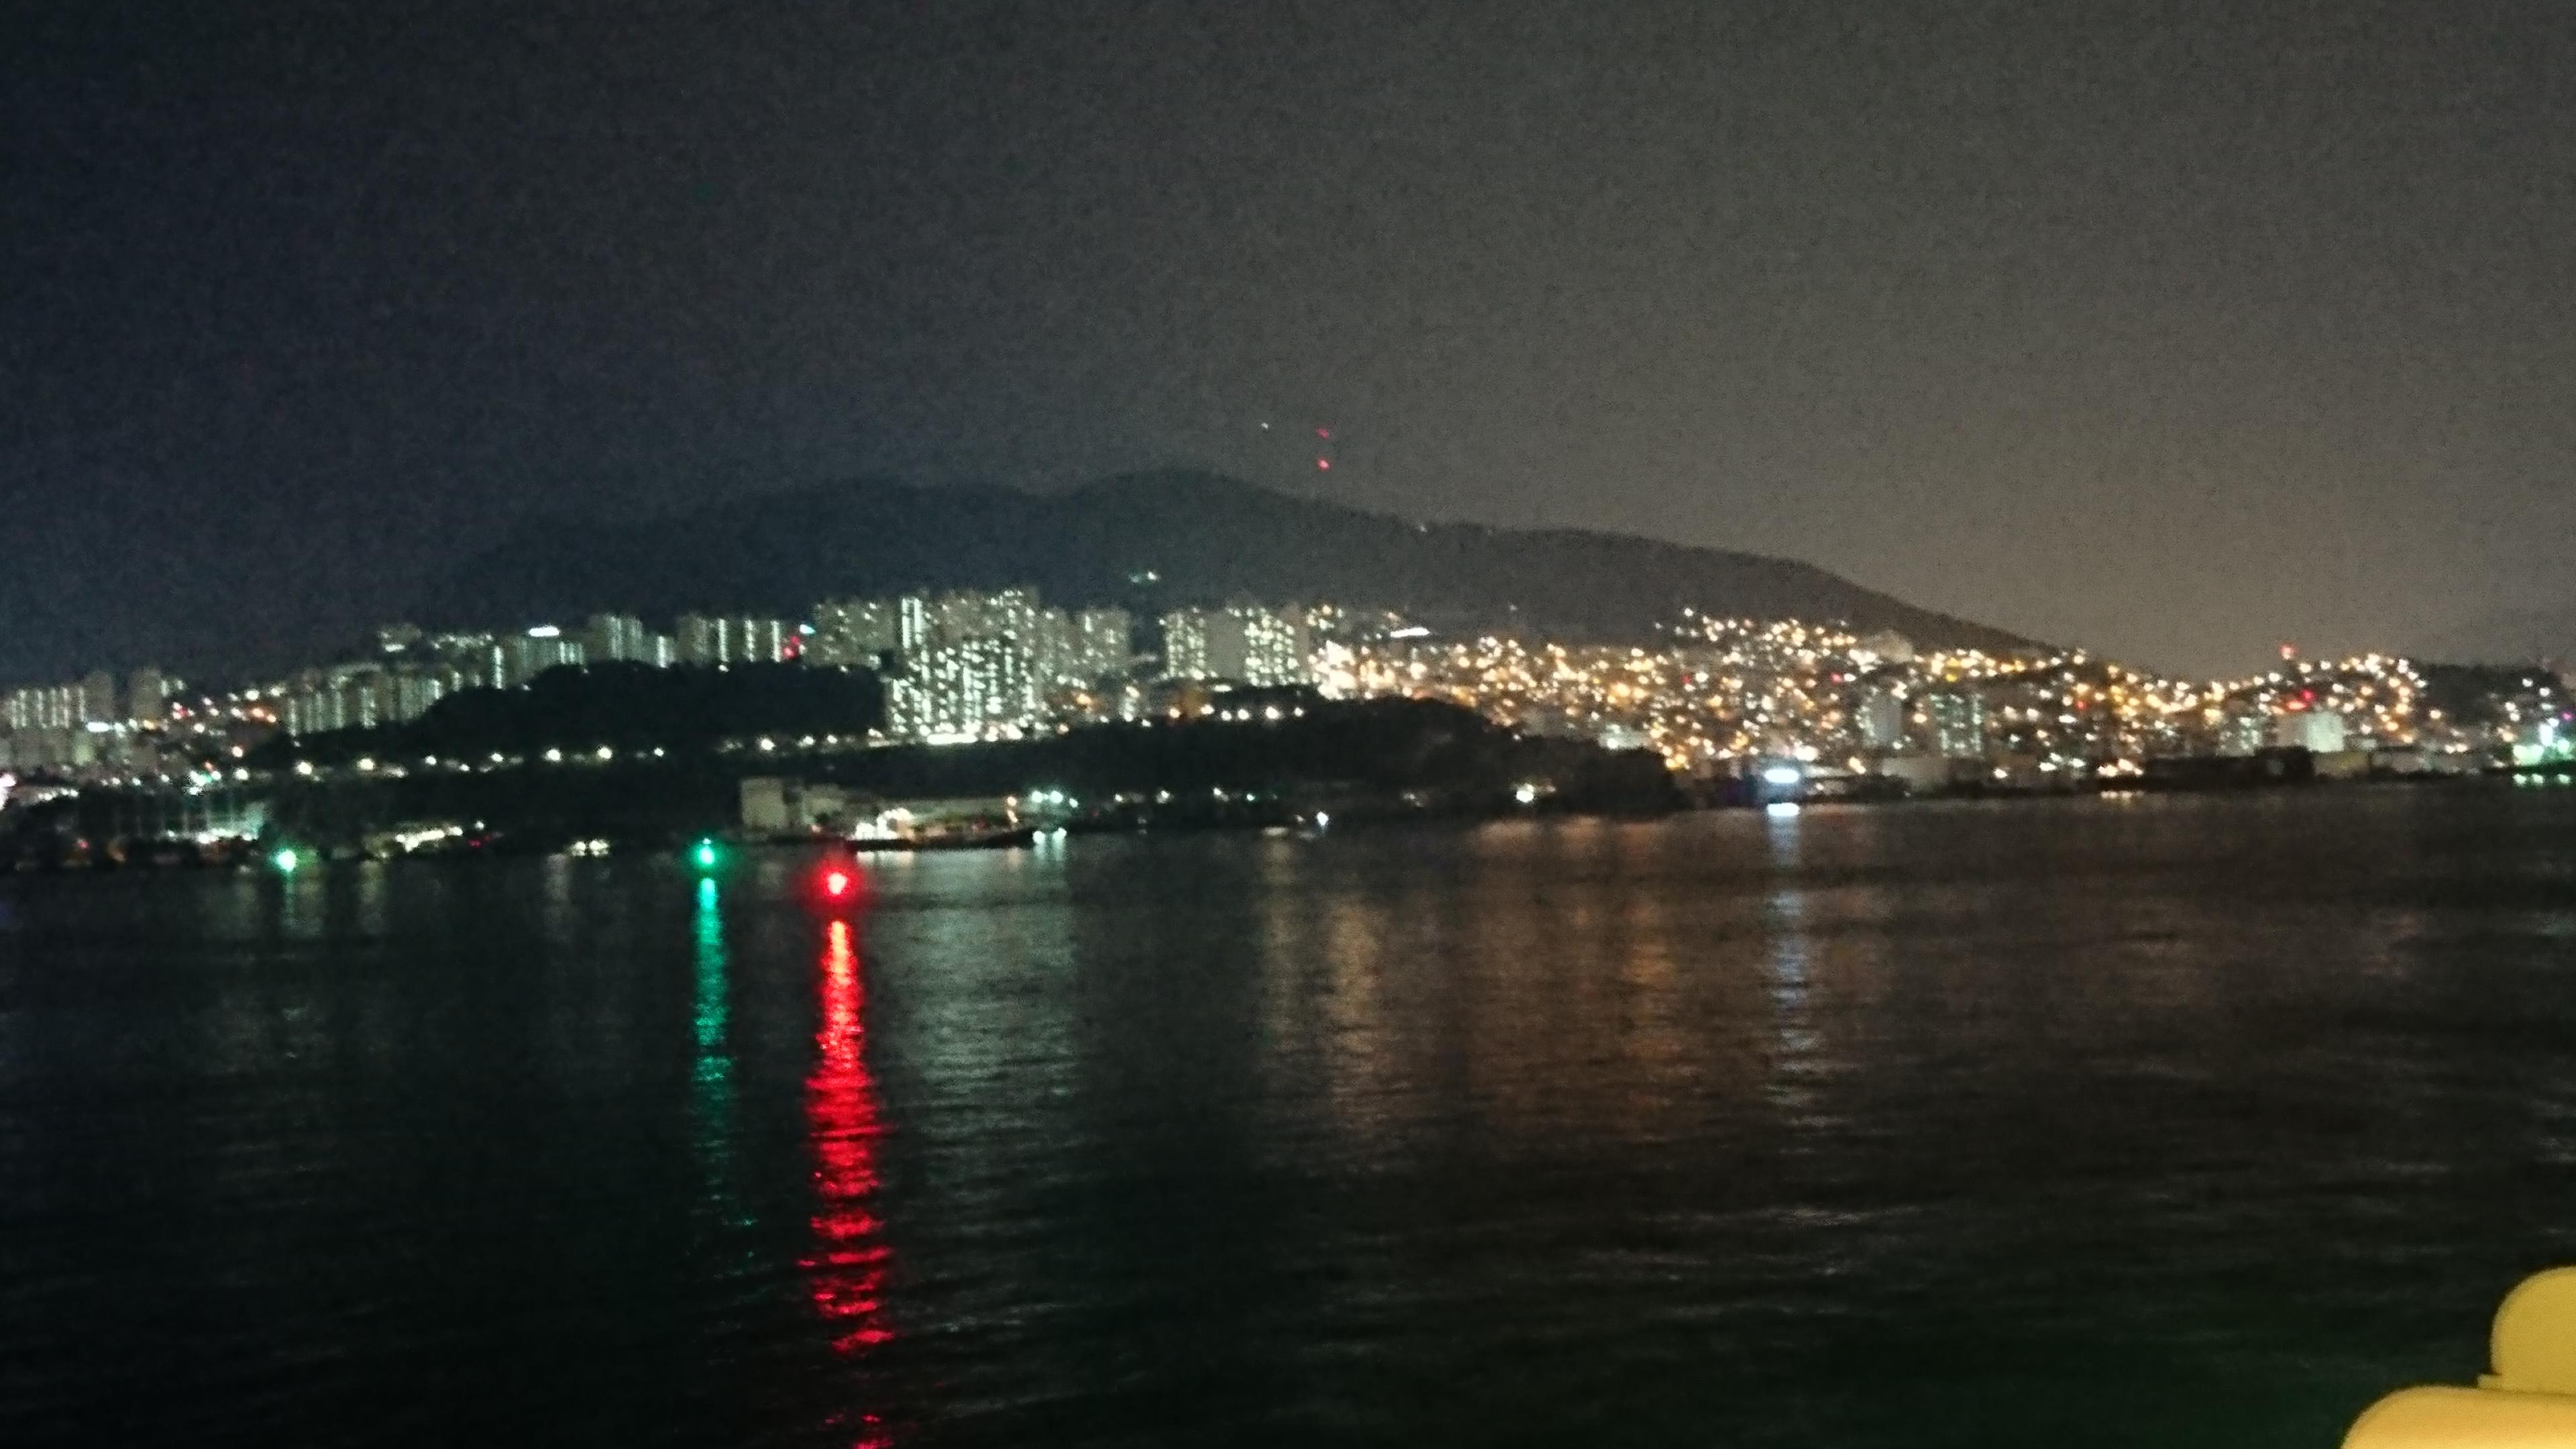 釜山港から見える釜山の夜景